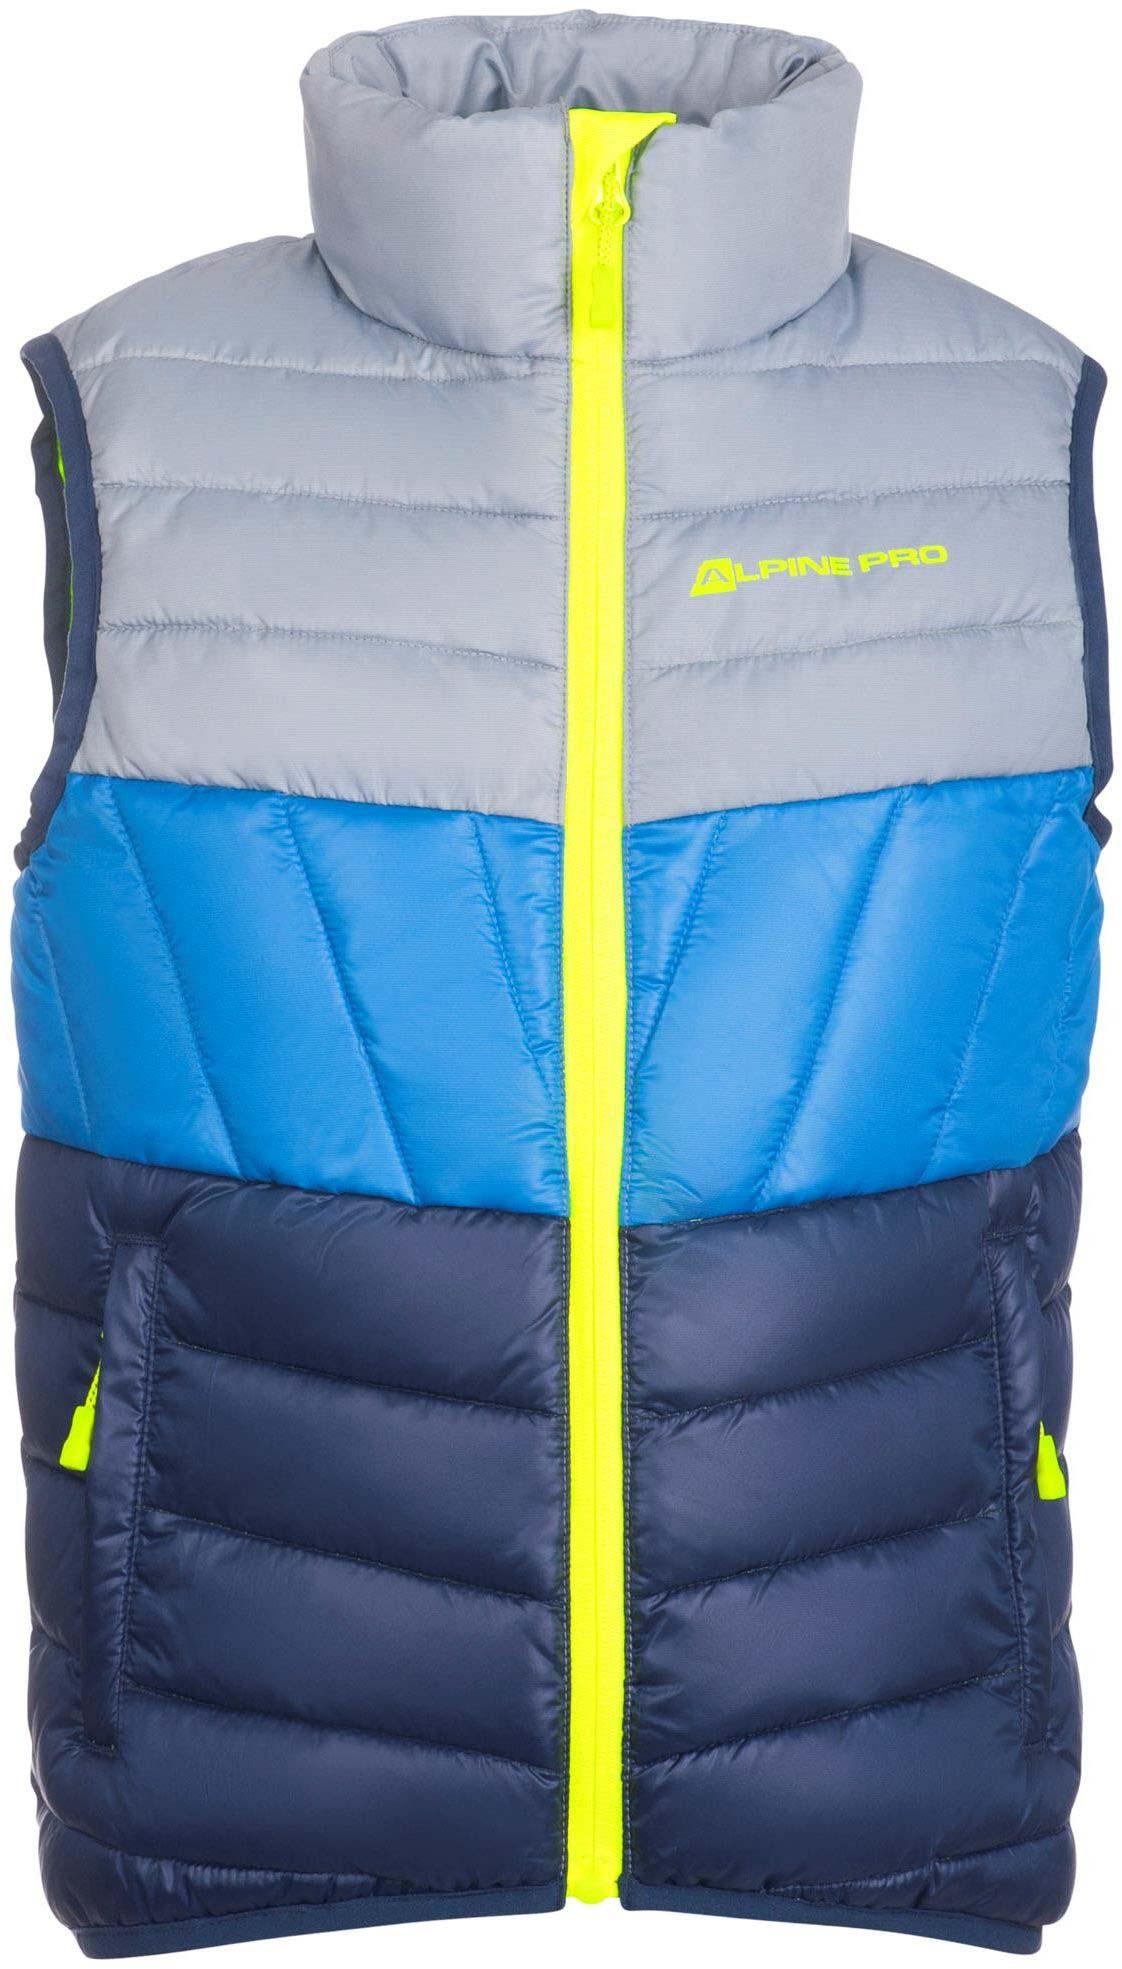 Oblečení   Dětská vesta Alpine Pro Kapeto 3 b665fb5b60